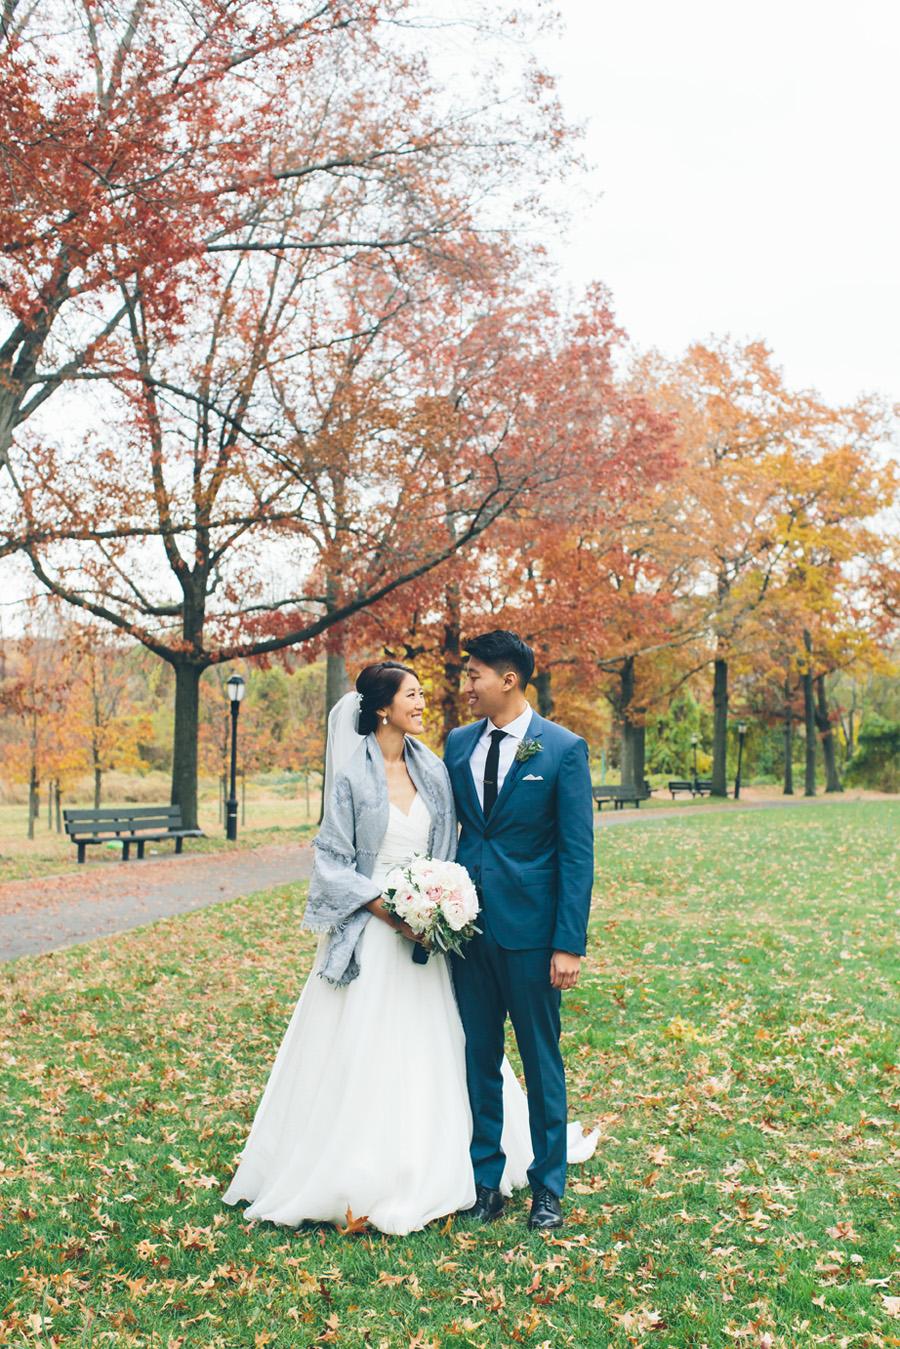 SHERRIE-DANIEL-BRIDEGROOM-WEDDING-CYNTHIACHUNG-0226.jpg